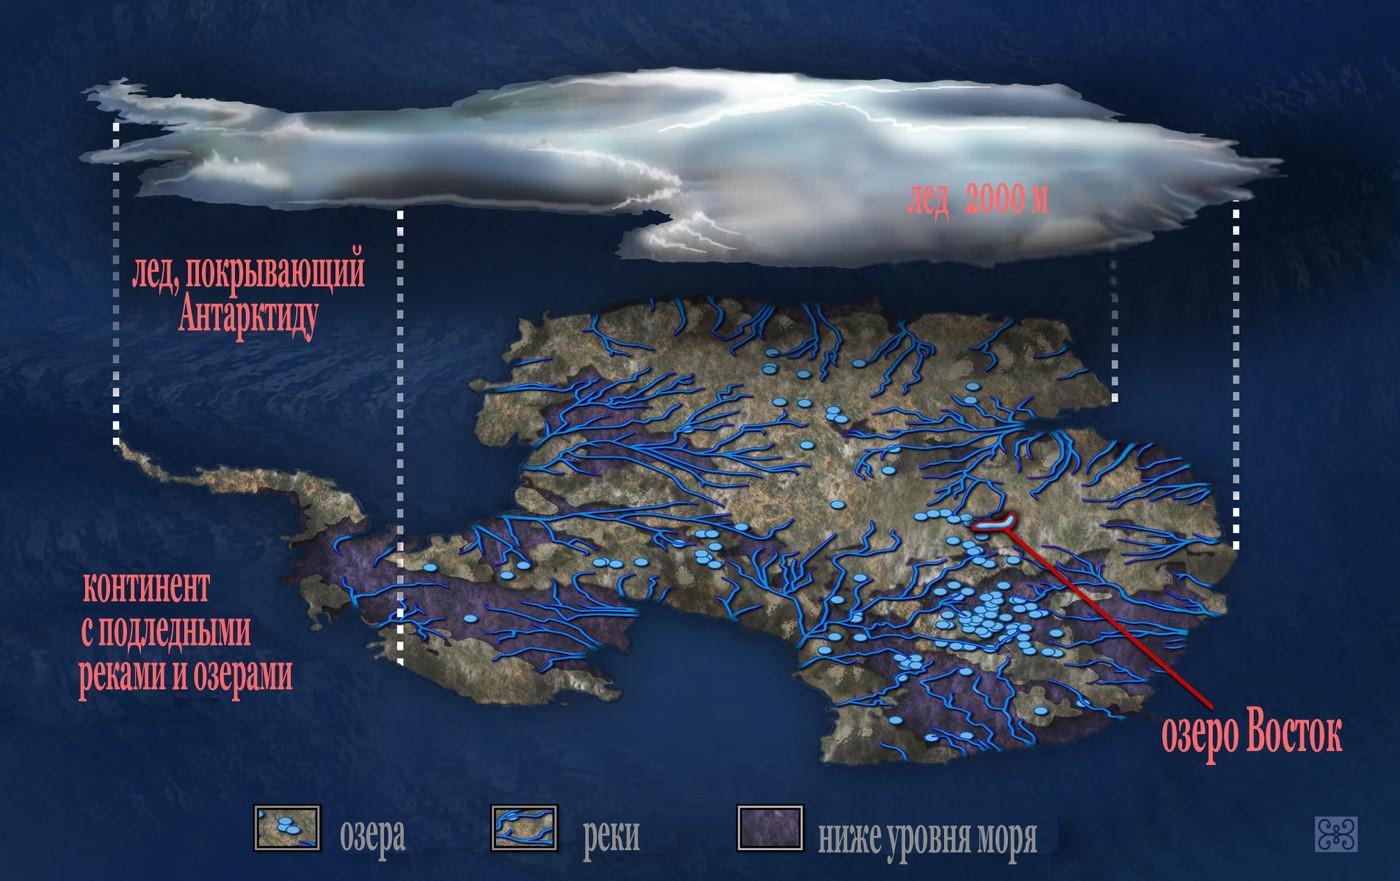 структуре педагогического ученые нашли космический корабль подо льдами антарктиды безработного гражданина официально